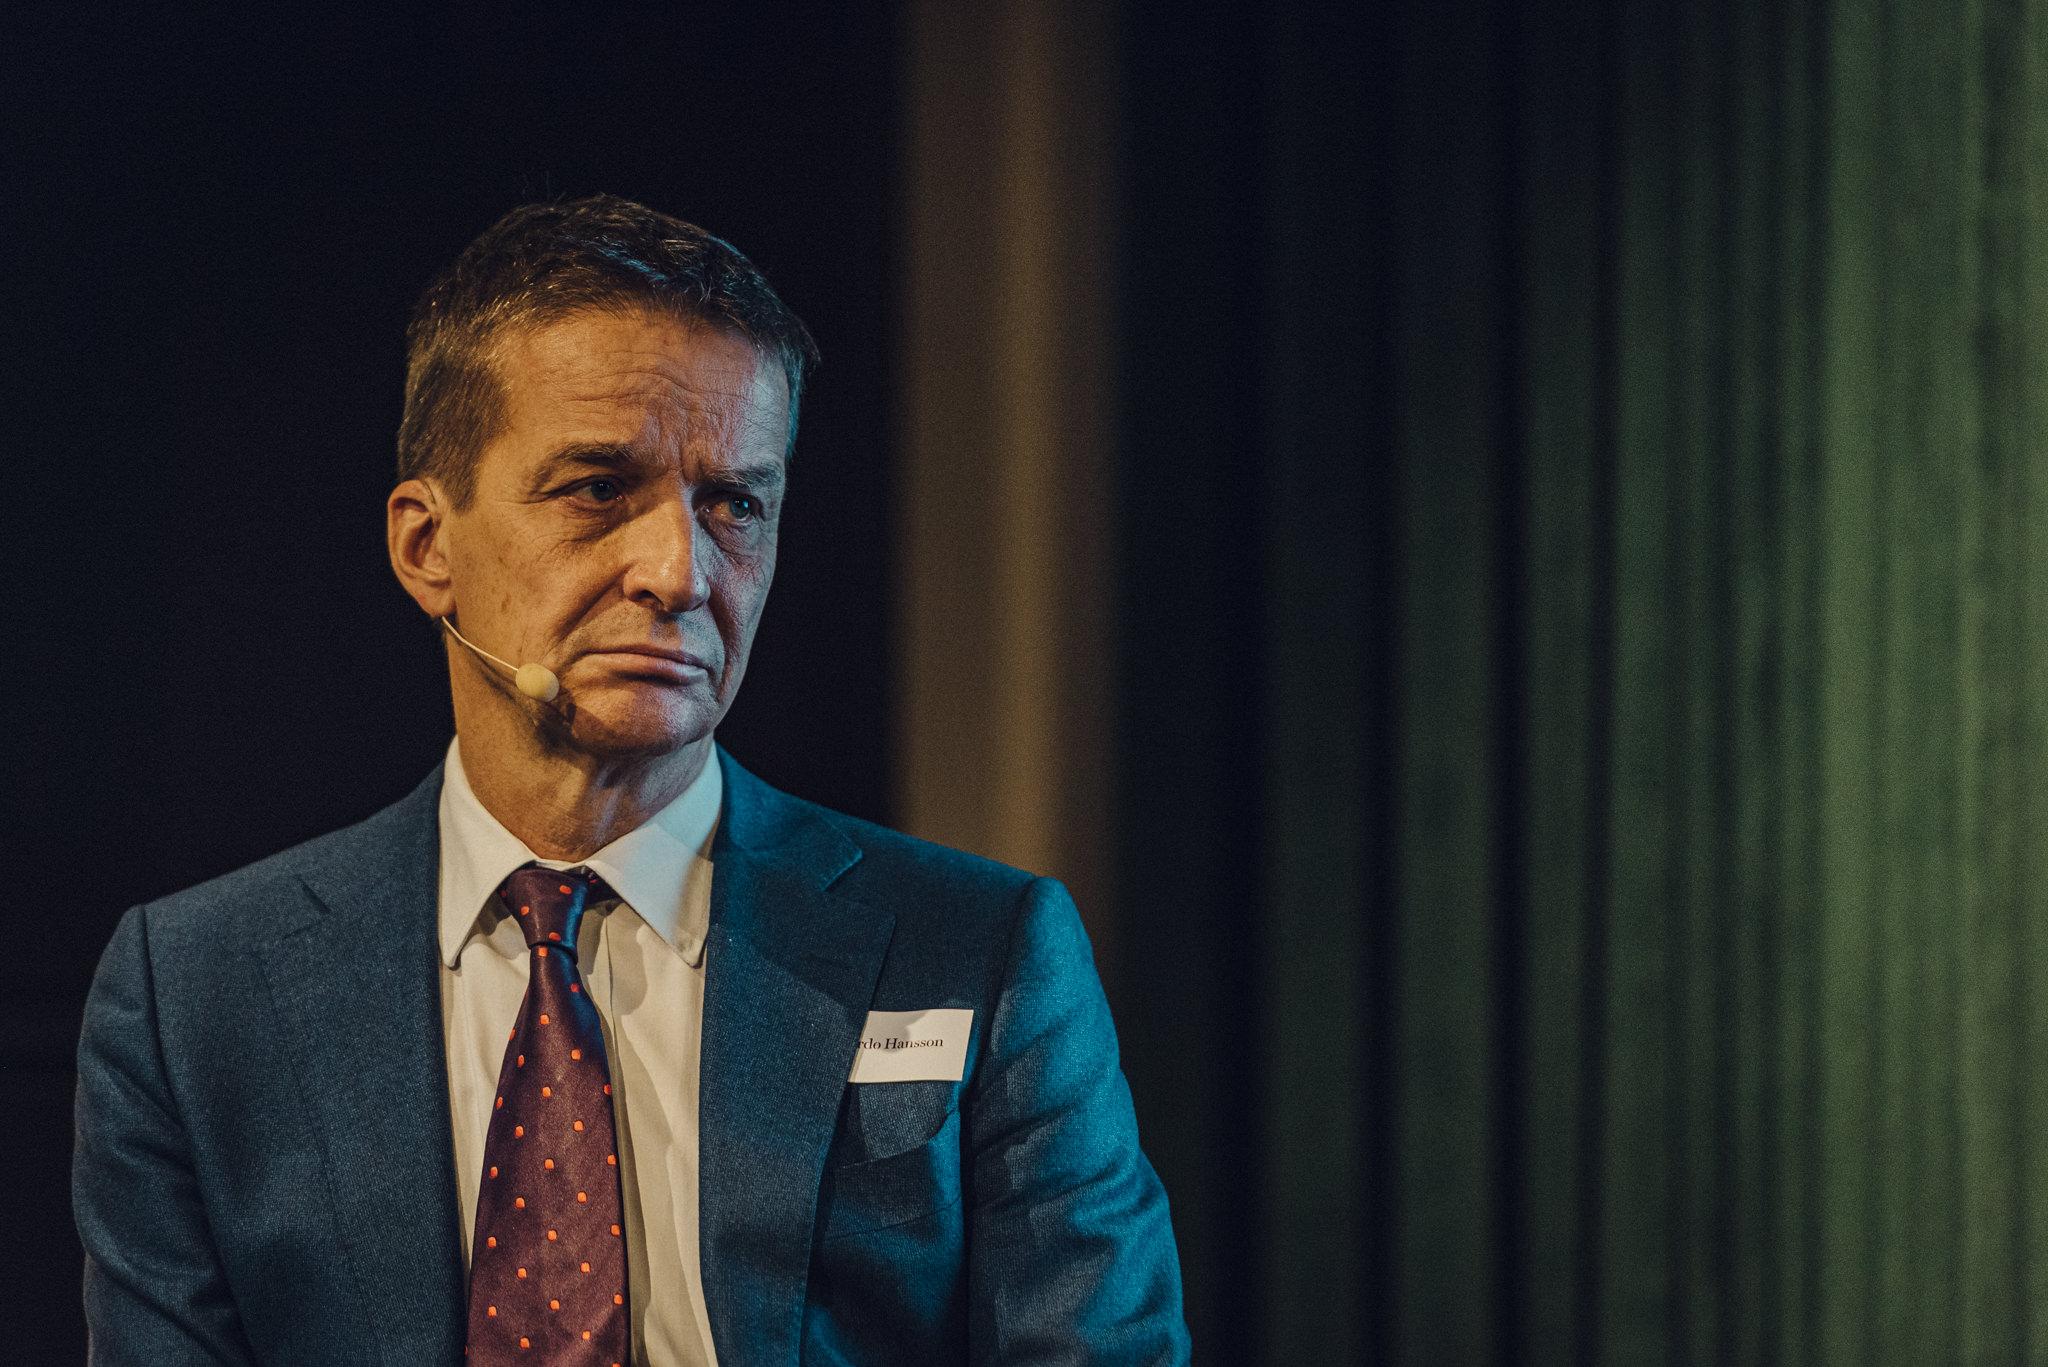 Ardo Hansson